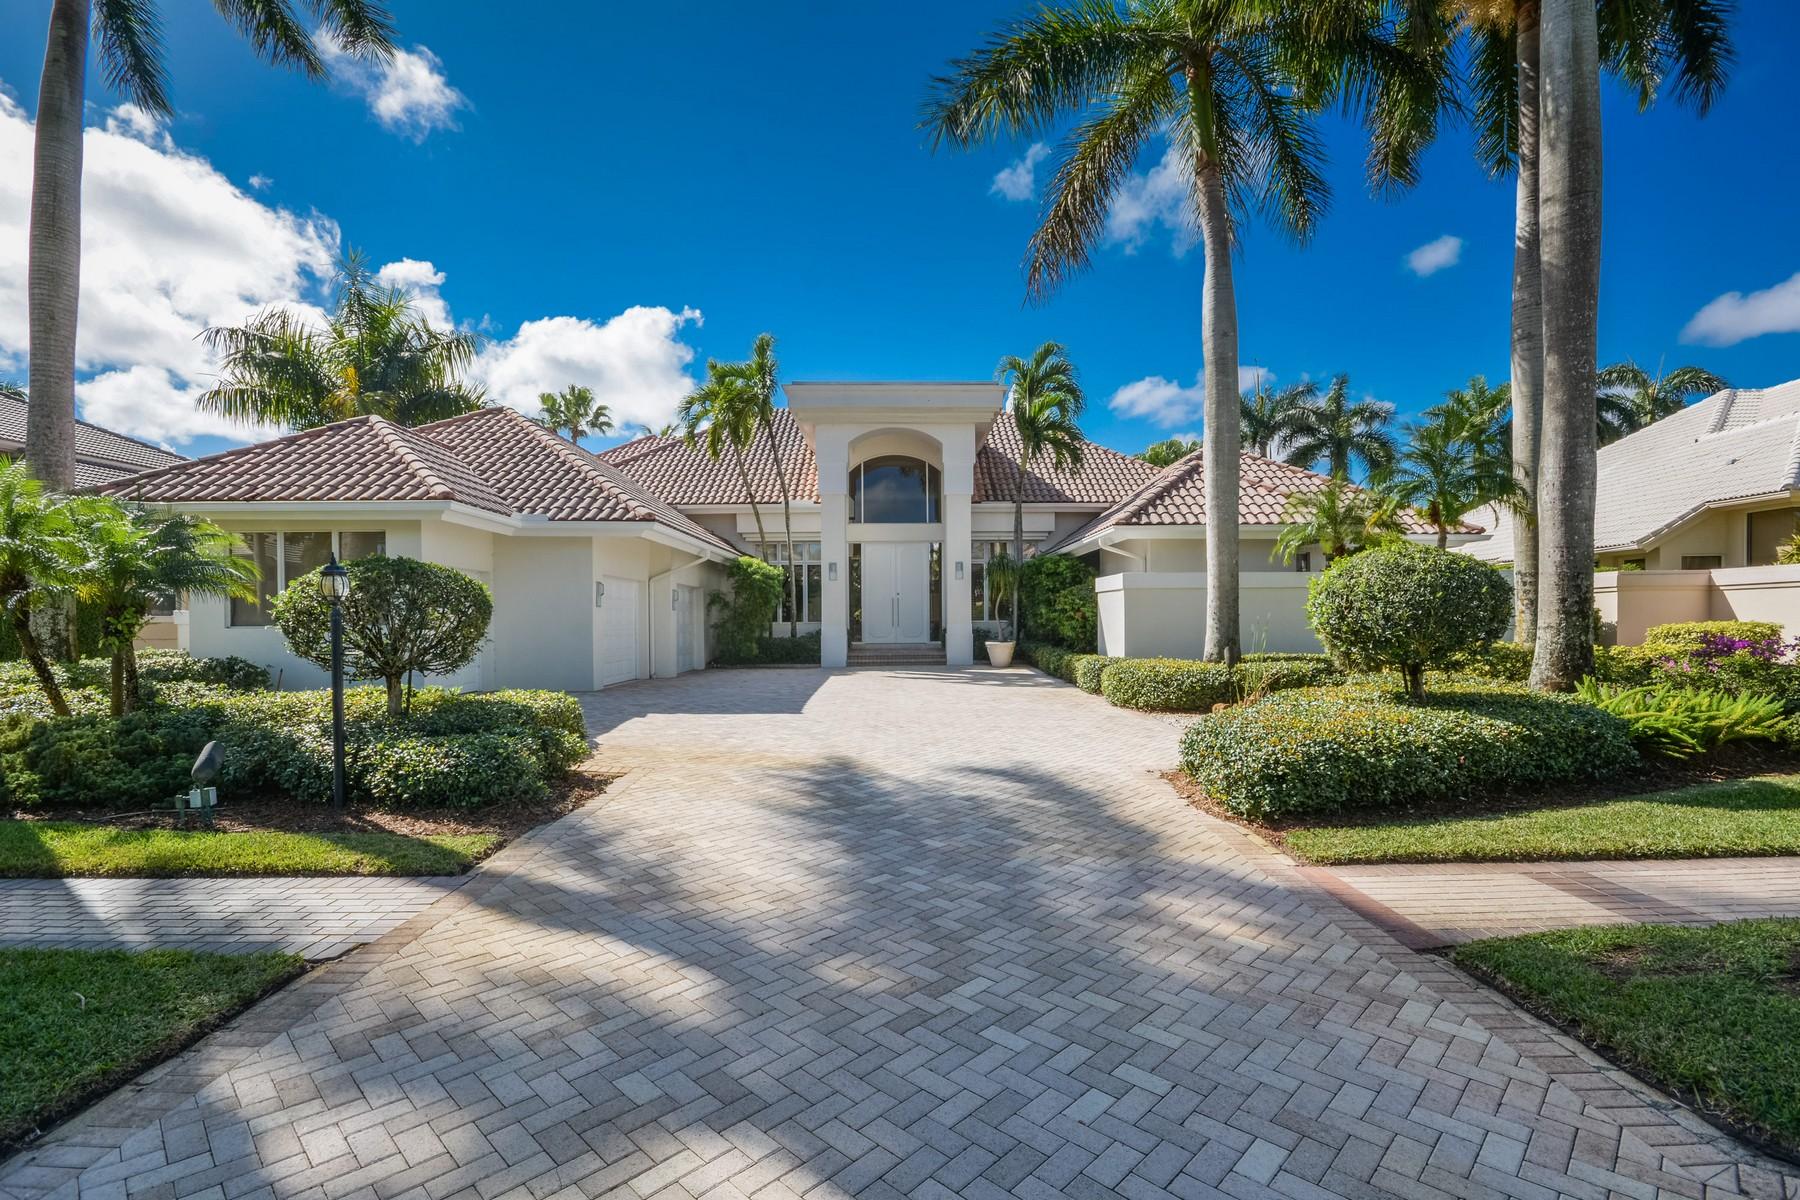 단독 가정 주택 용 매매 에 7244 Queenferry Cir , Boca Raton, FL 33496 7244 Queenferry Cir Boca Raton, 플로리다, 33496 미국